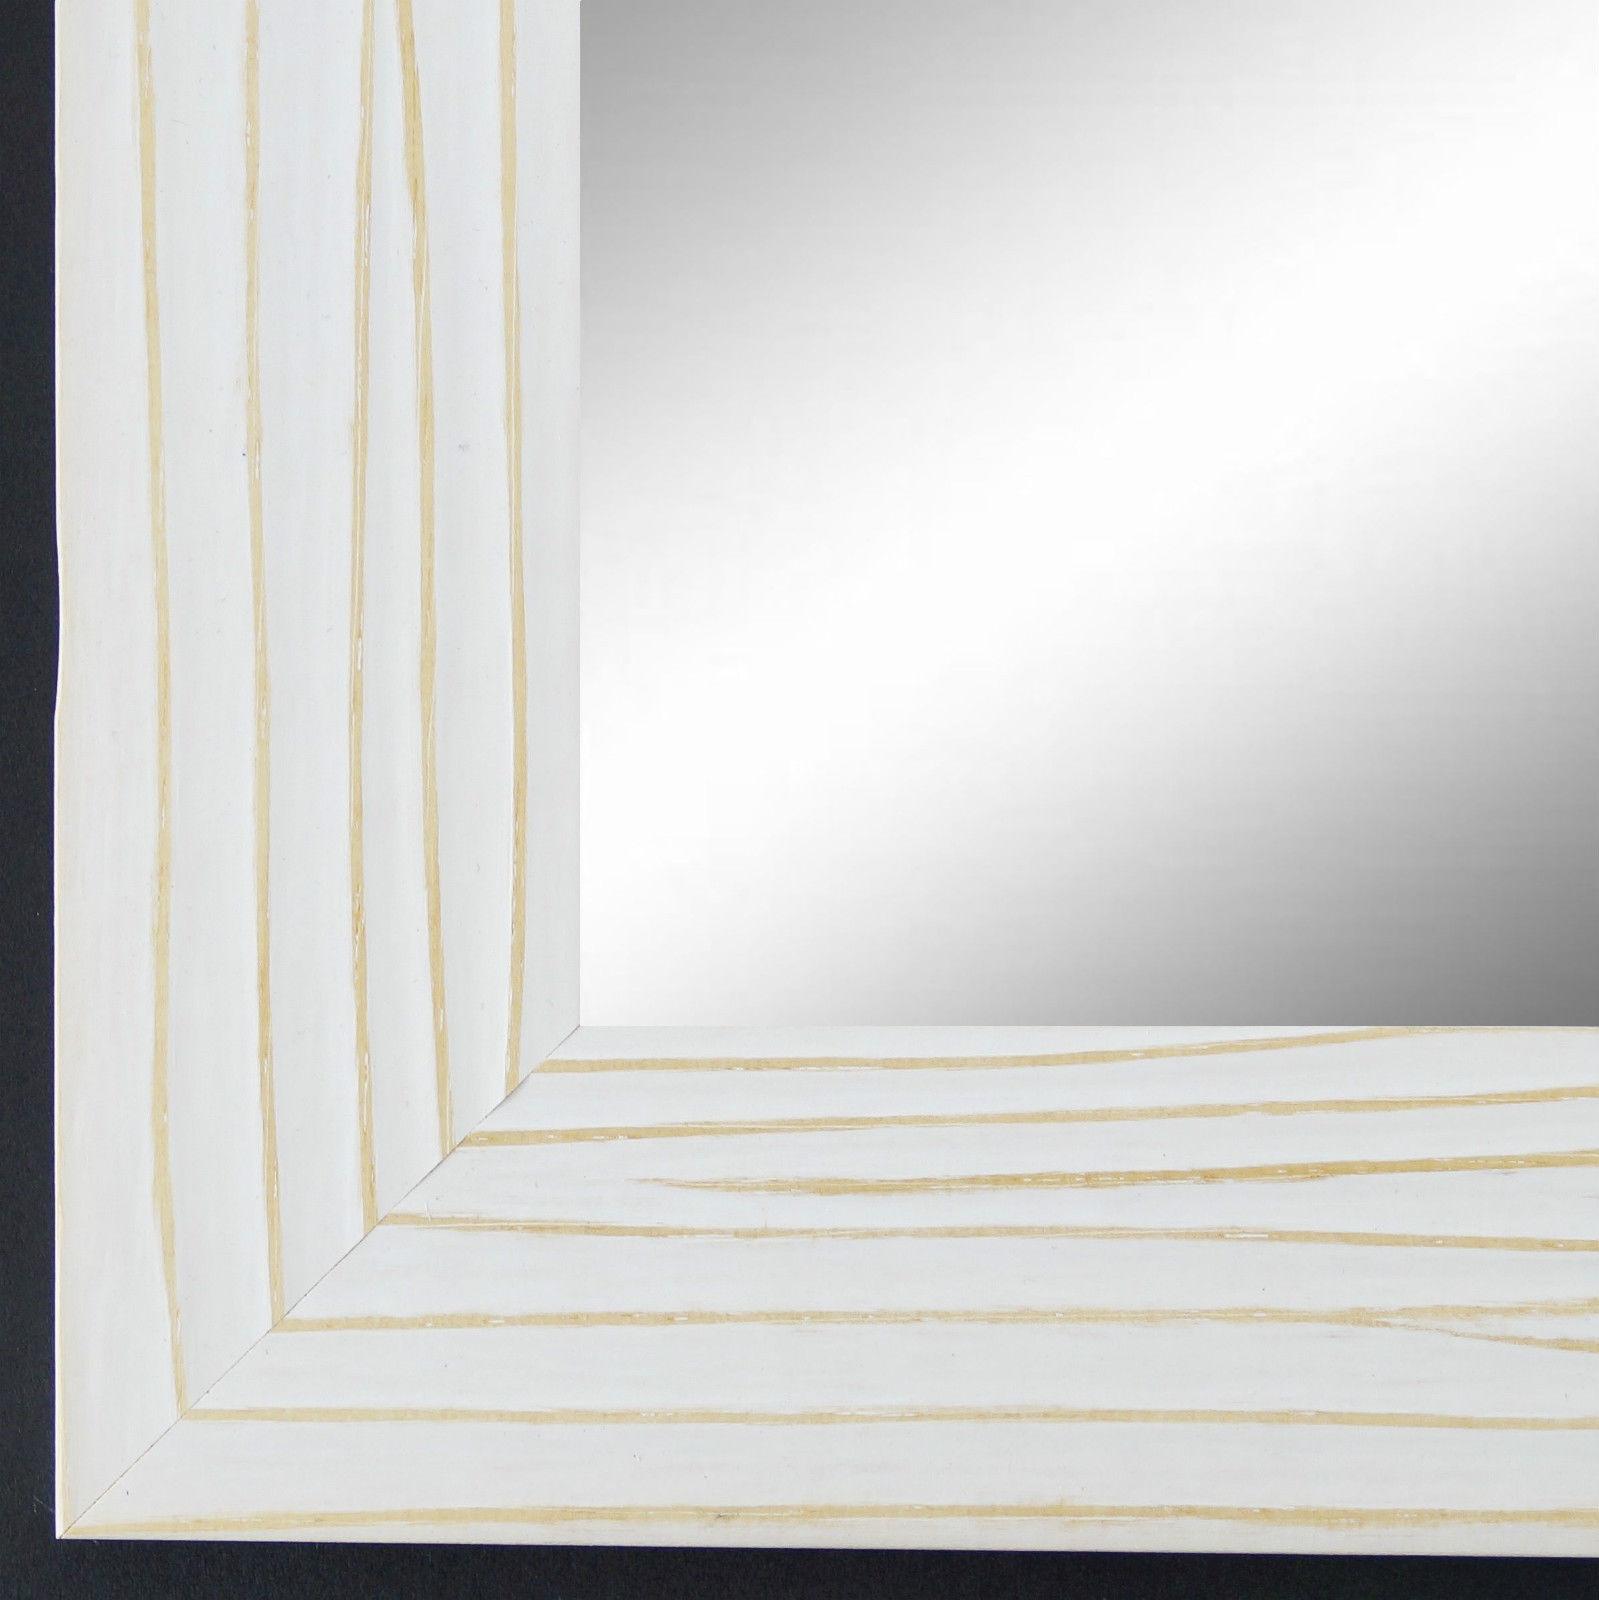 Spiegel Wandspiegel Badspiegel FLur Modern Shabby Landhaus Köln Weiss 4, 5